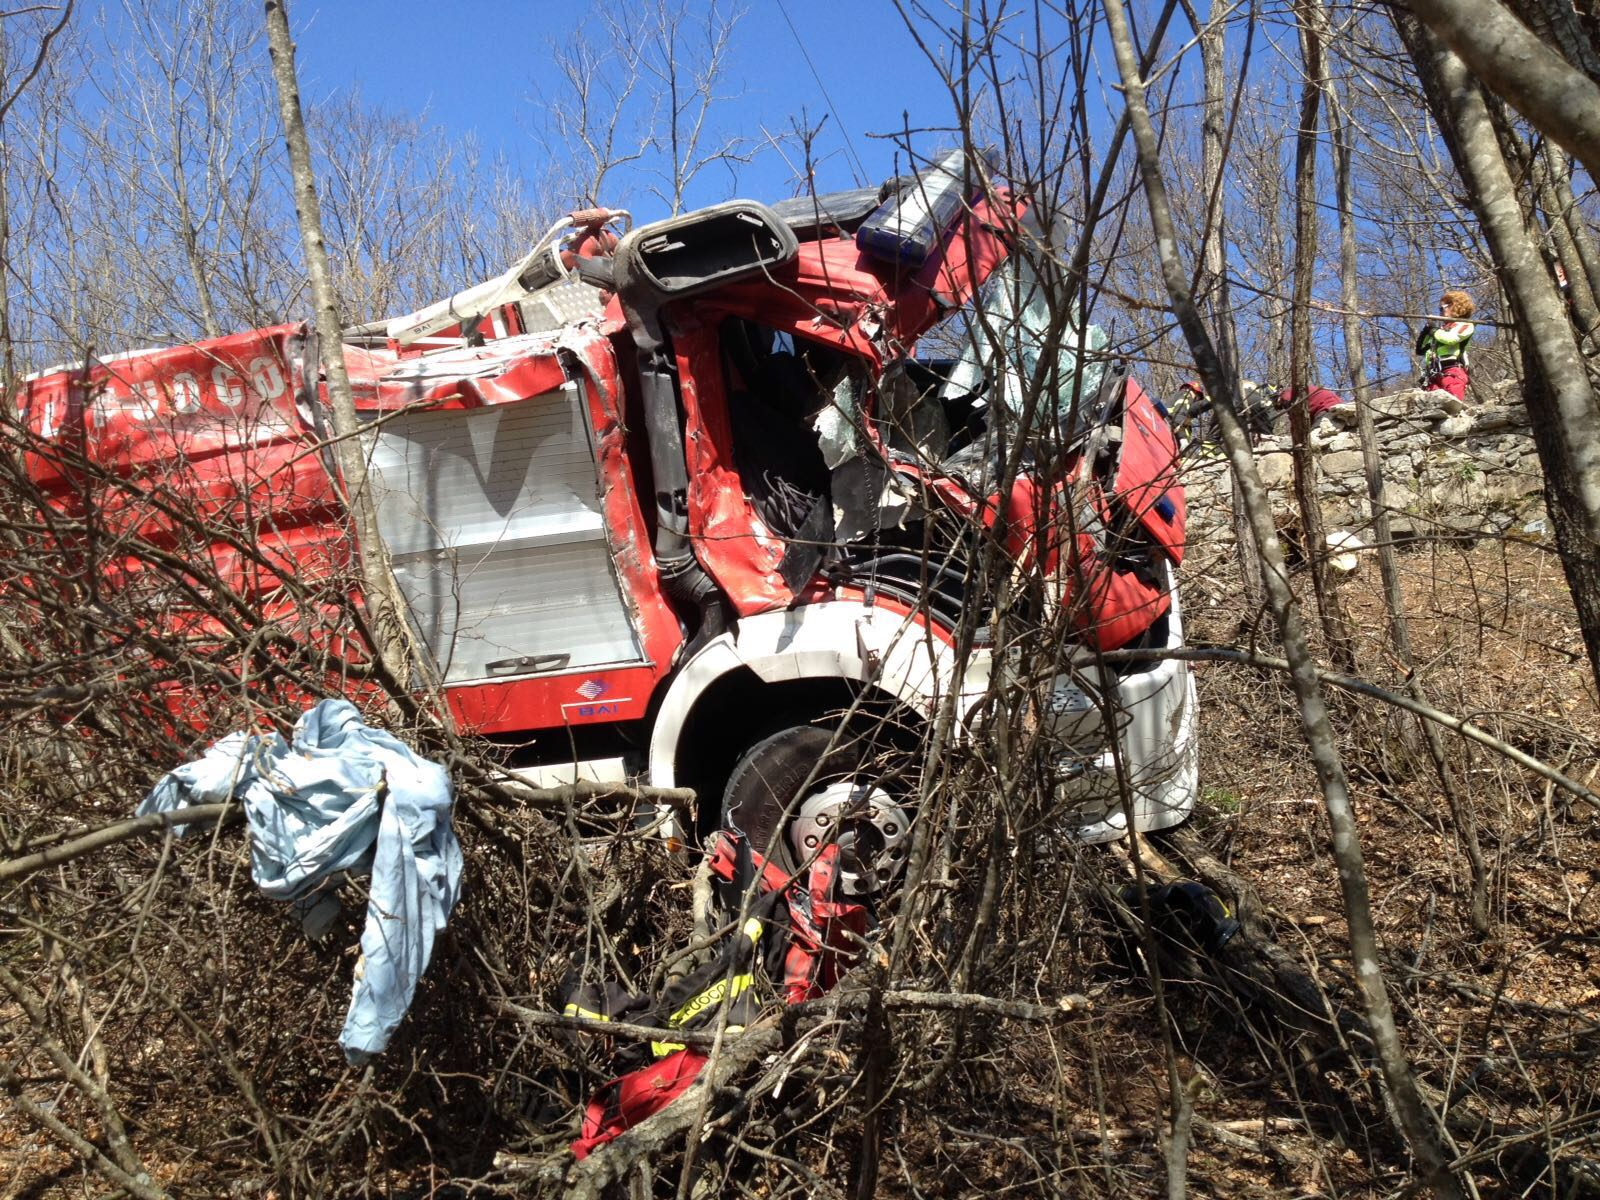 Elicottero Bologna Oggi : Incidente autobotte dei vigili del fuoco in una scarpata